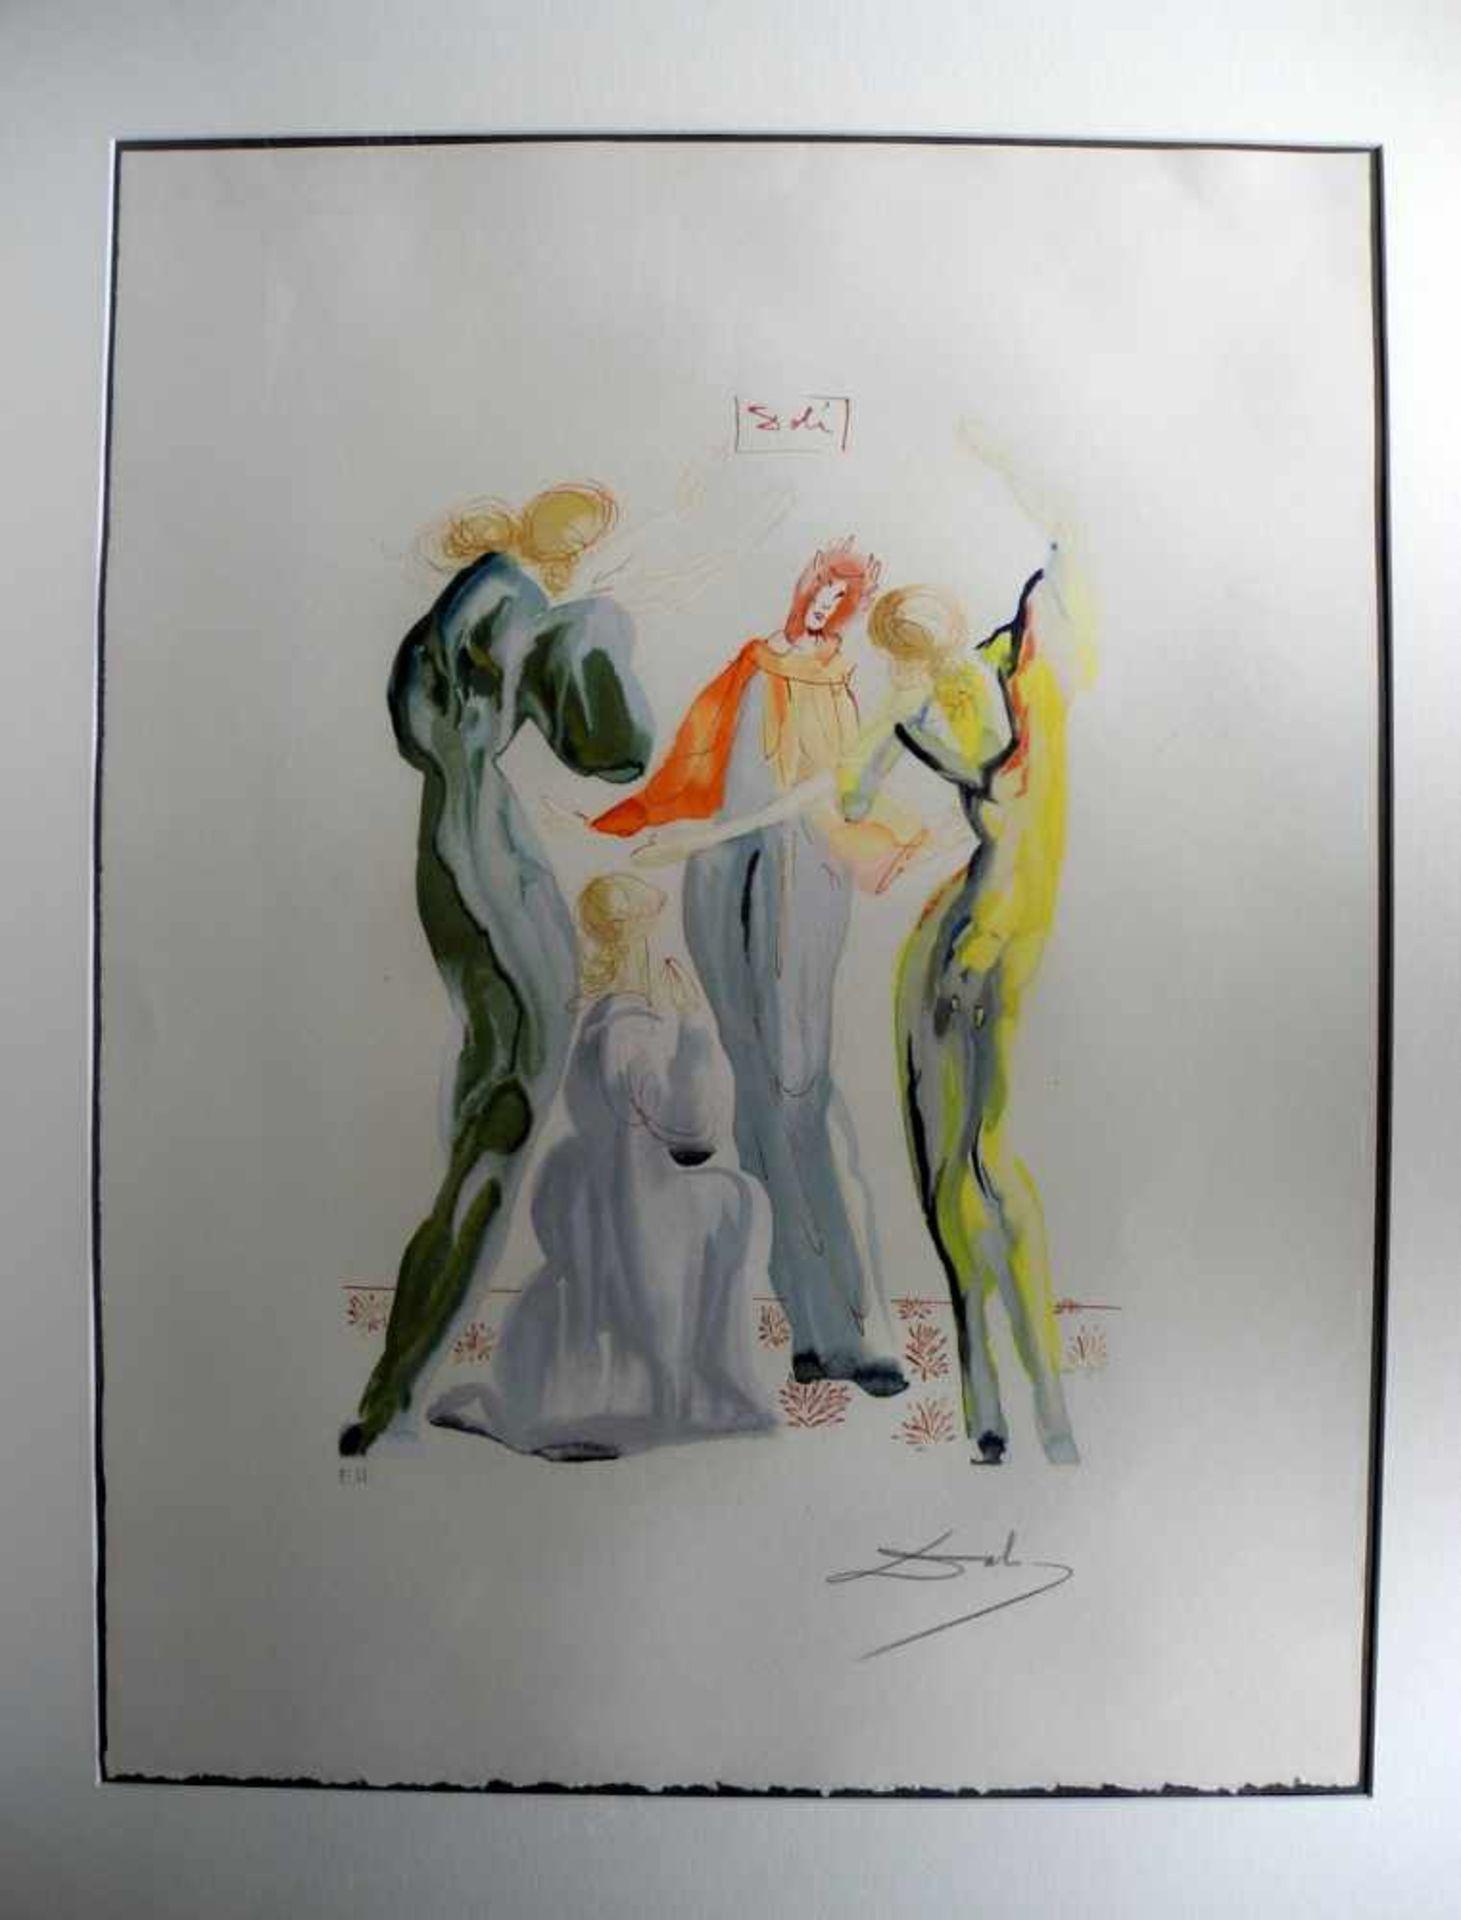 """Salvador Dalí, 1904 Figueres - 1989 ebenda Lithographie/Radierpapier. """"Le Dance"""" - Exemplar für"""